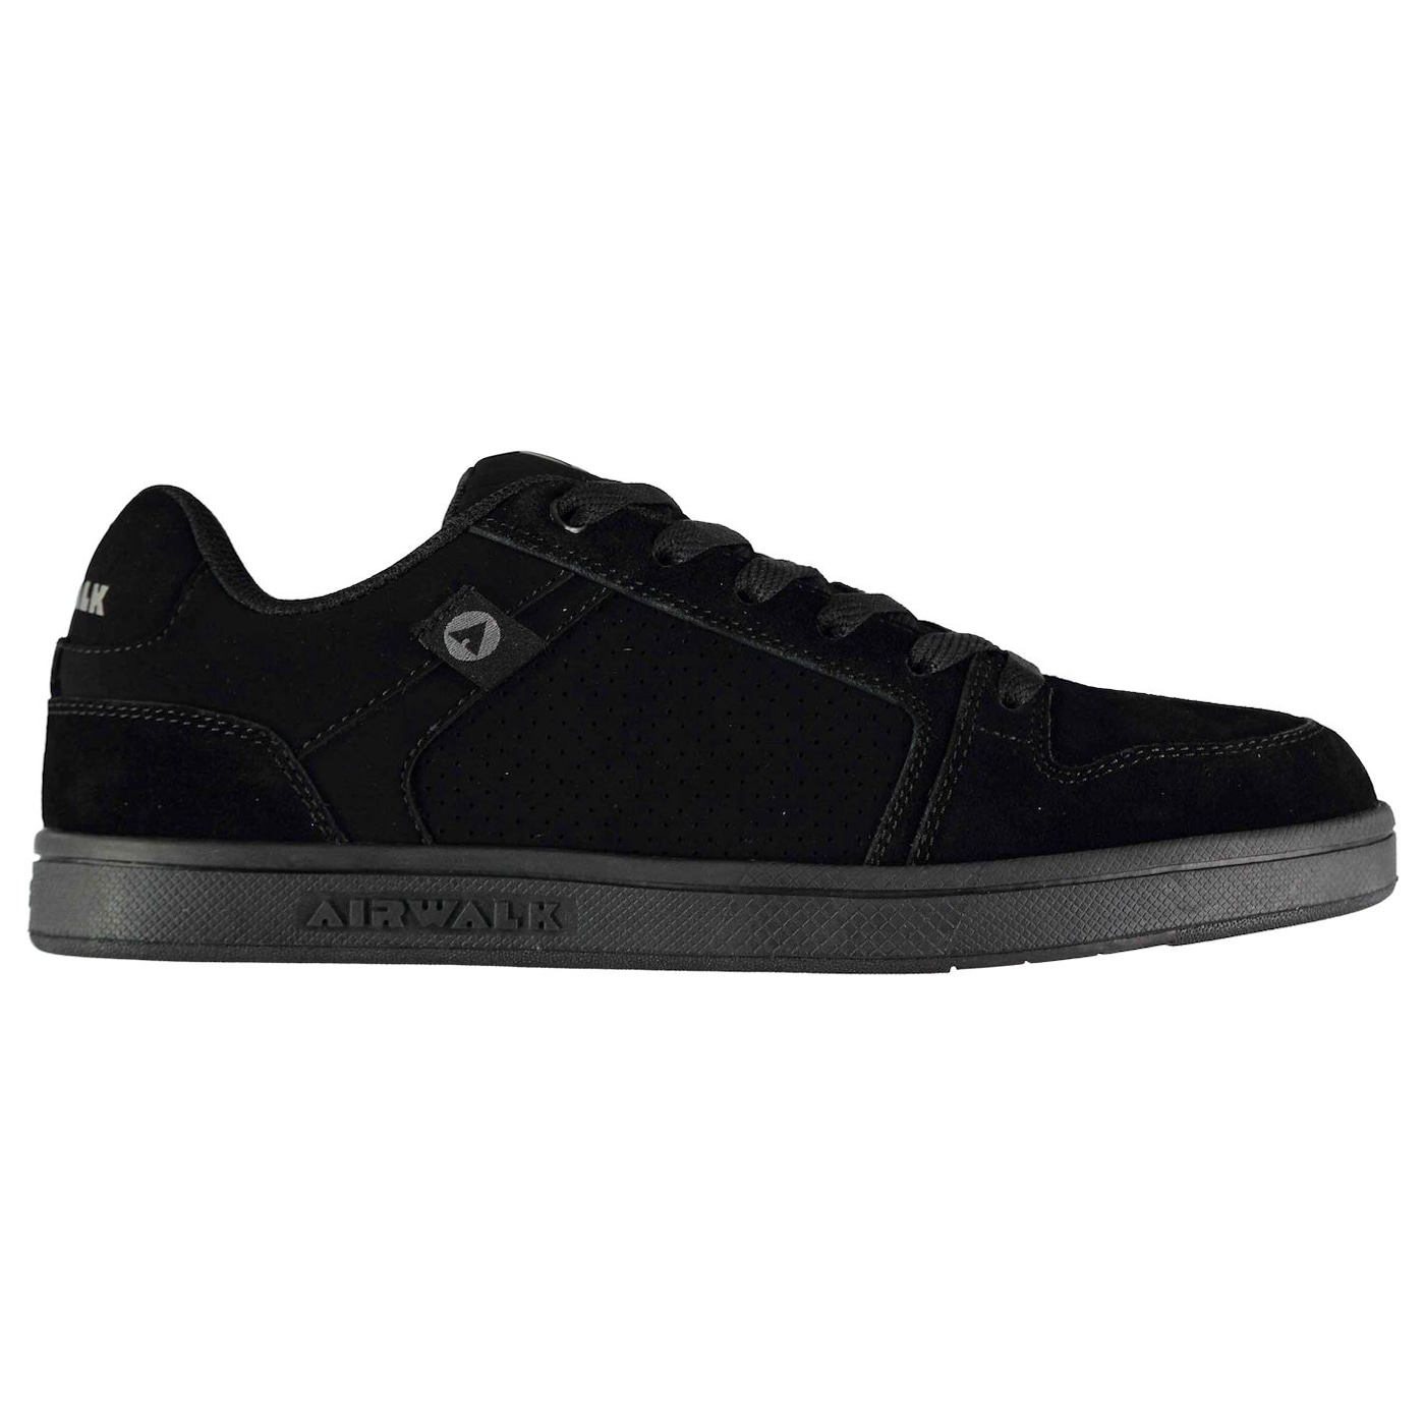 Airwalk Brock Mens Skate Shoes